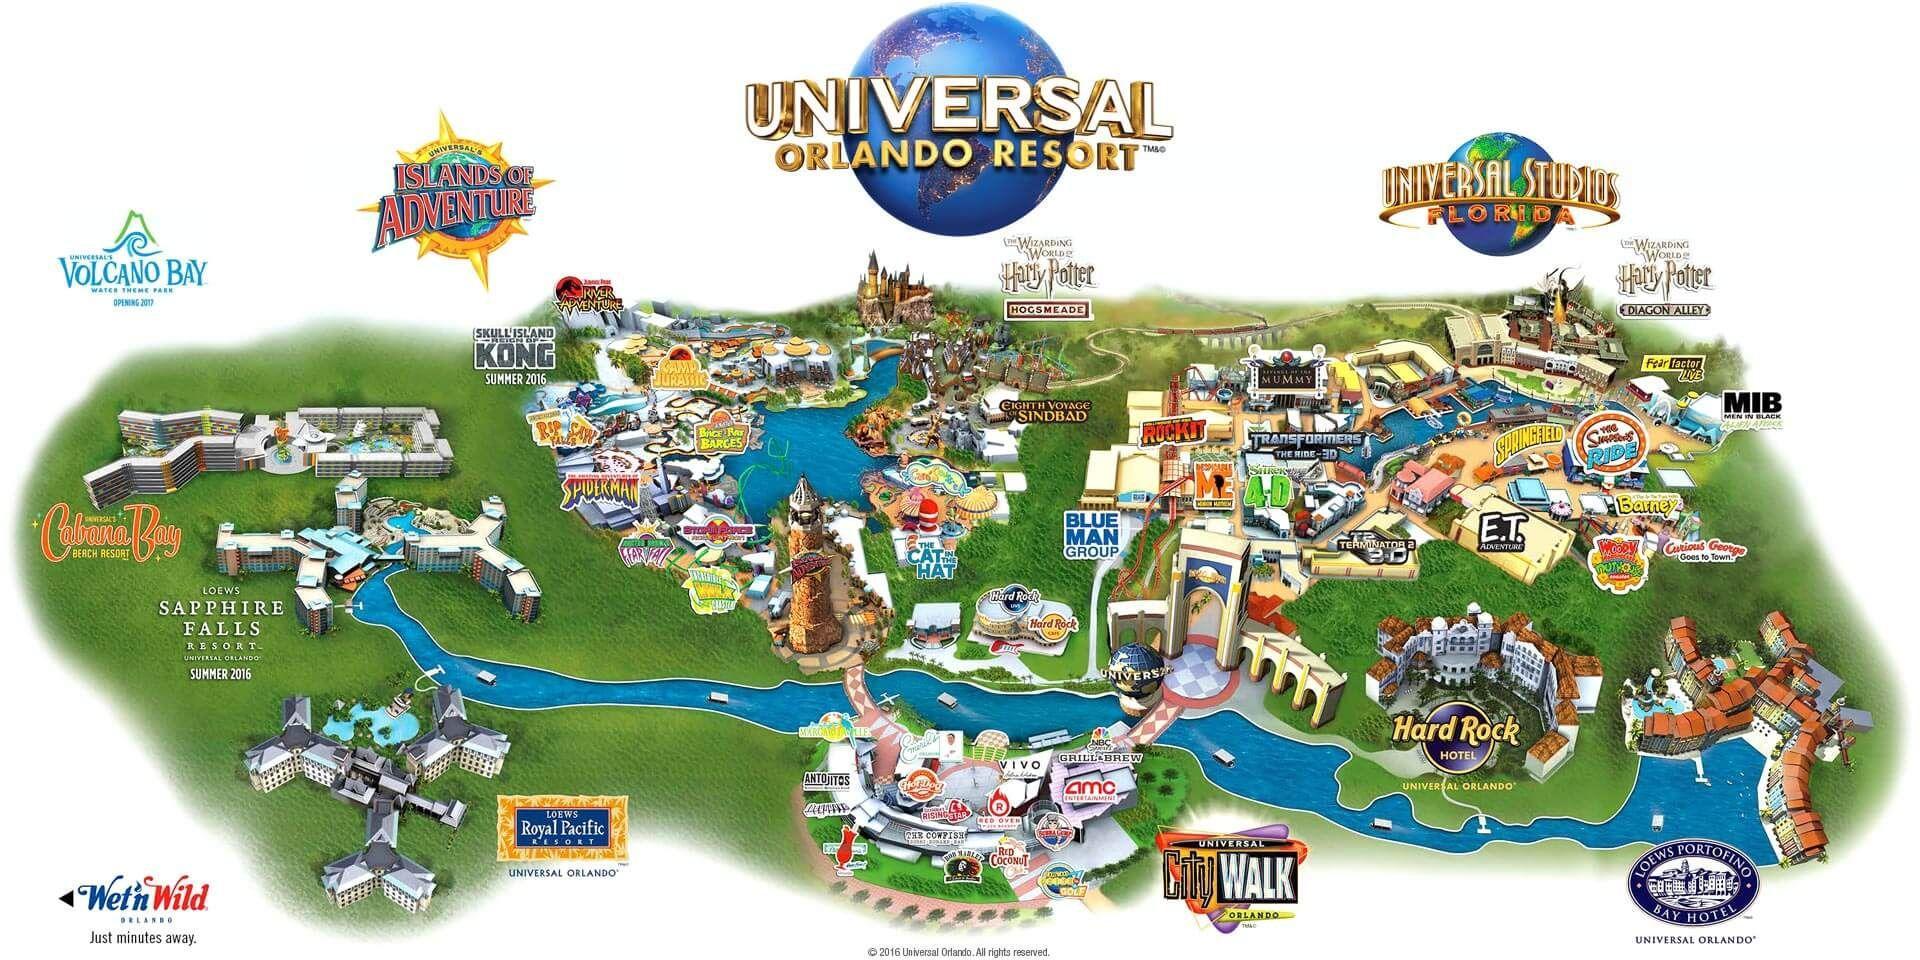 Universal Studios Map - Universal Studios Map Orlando (Florida - Usa) - Orlando Florida Universal Studios Map